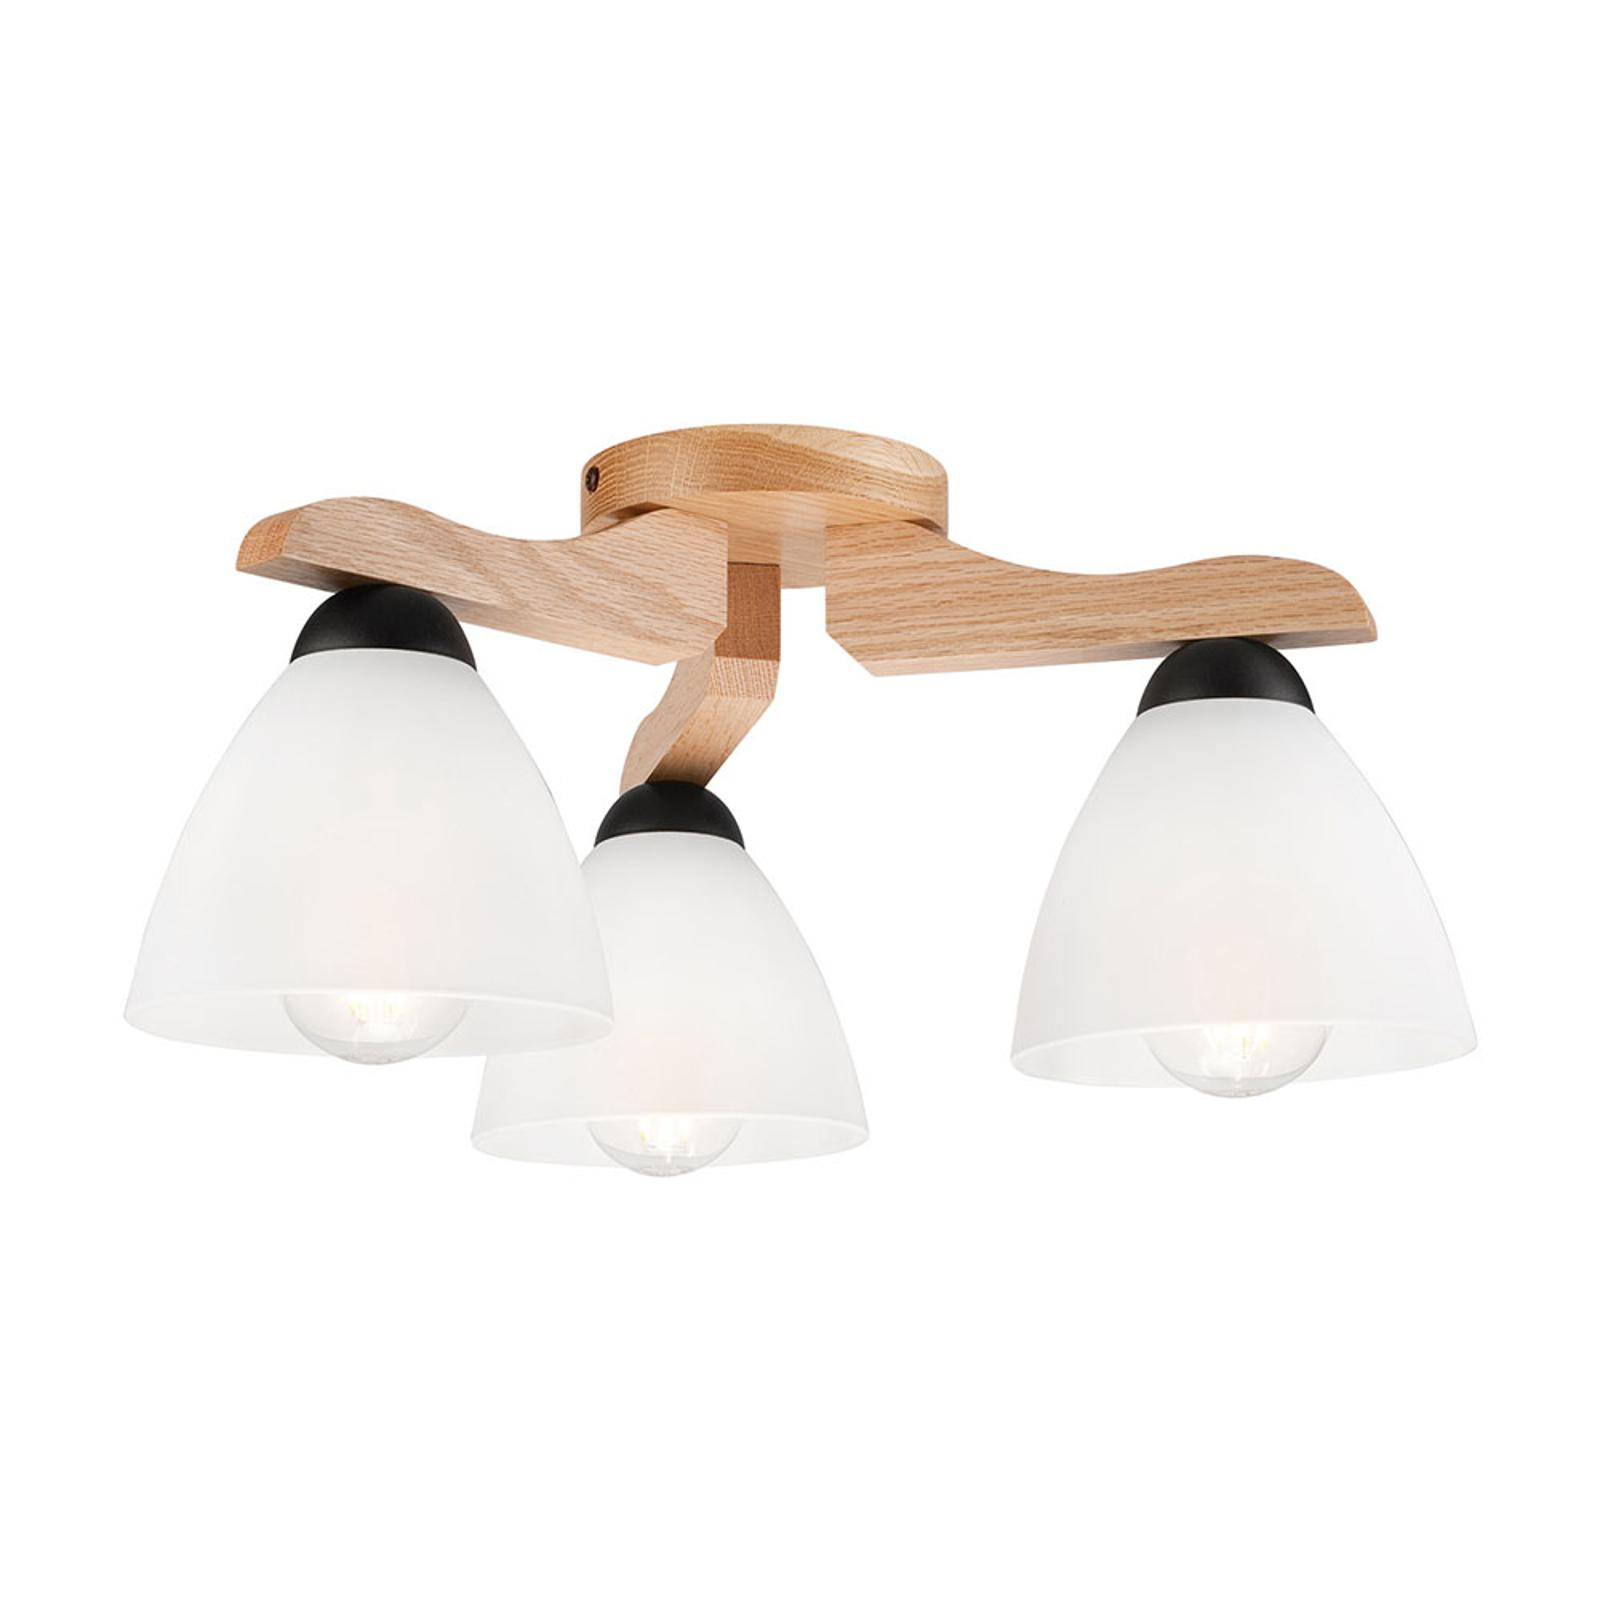 Haro taklampe, eik/hvit, 3 lyskilder